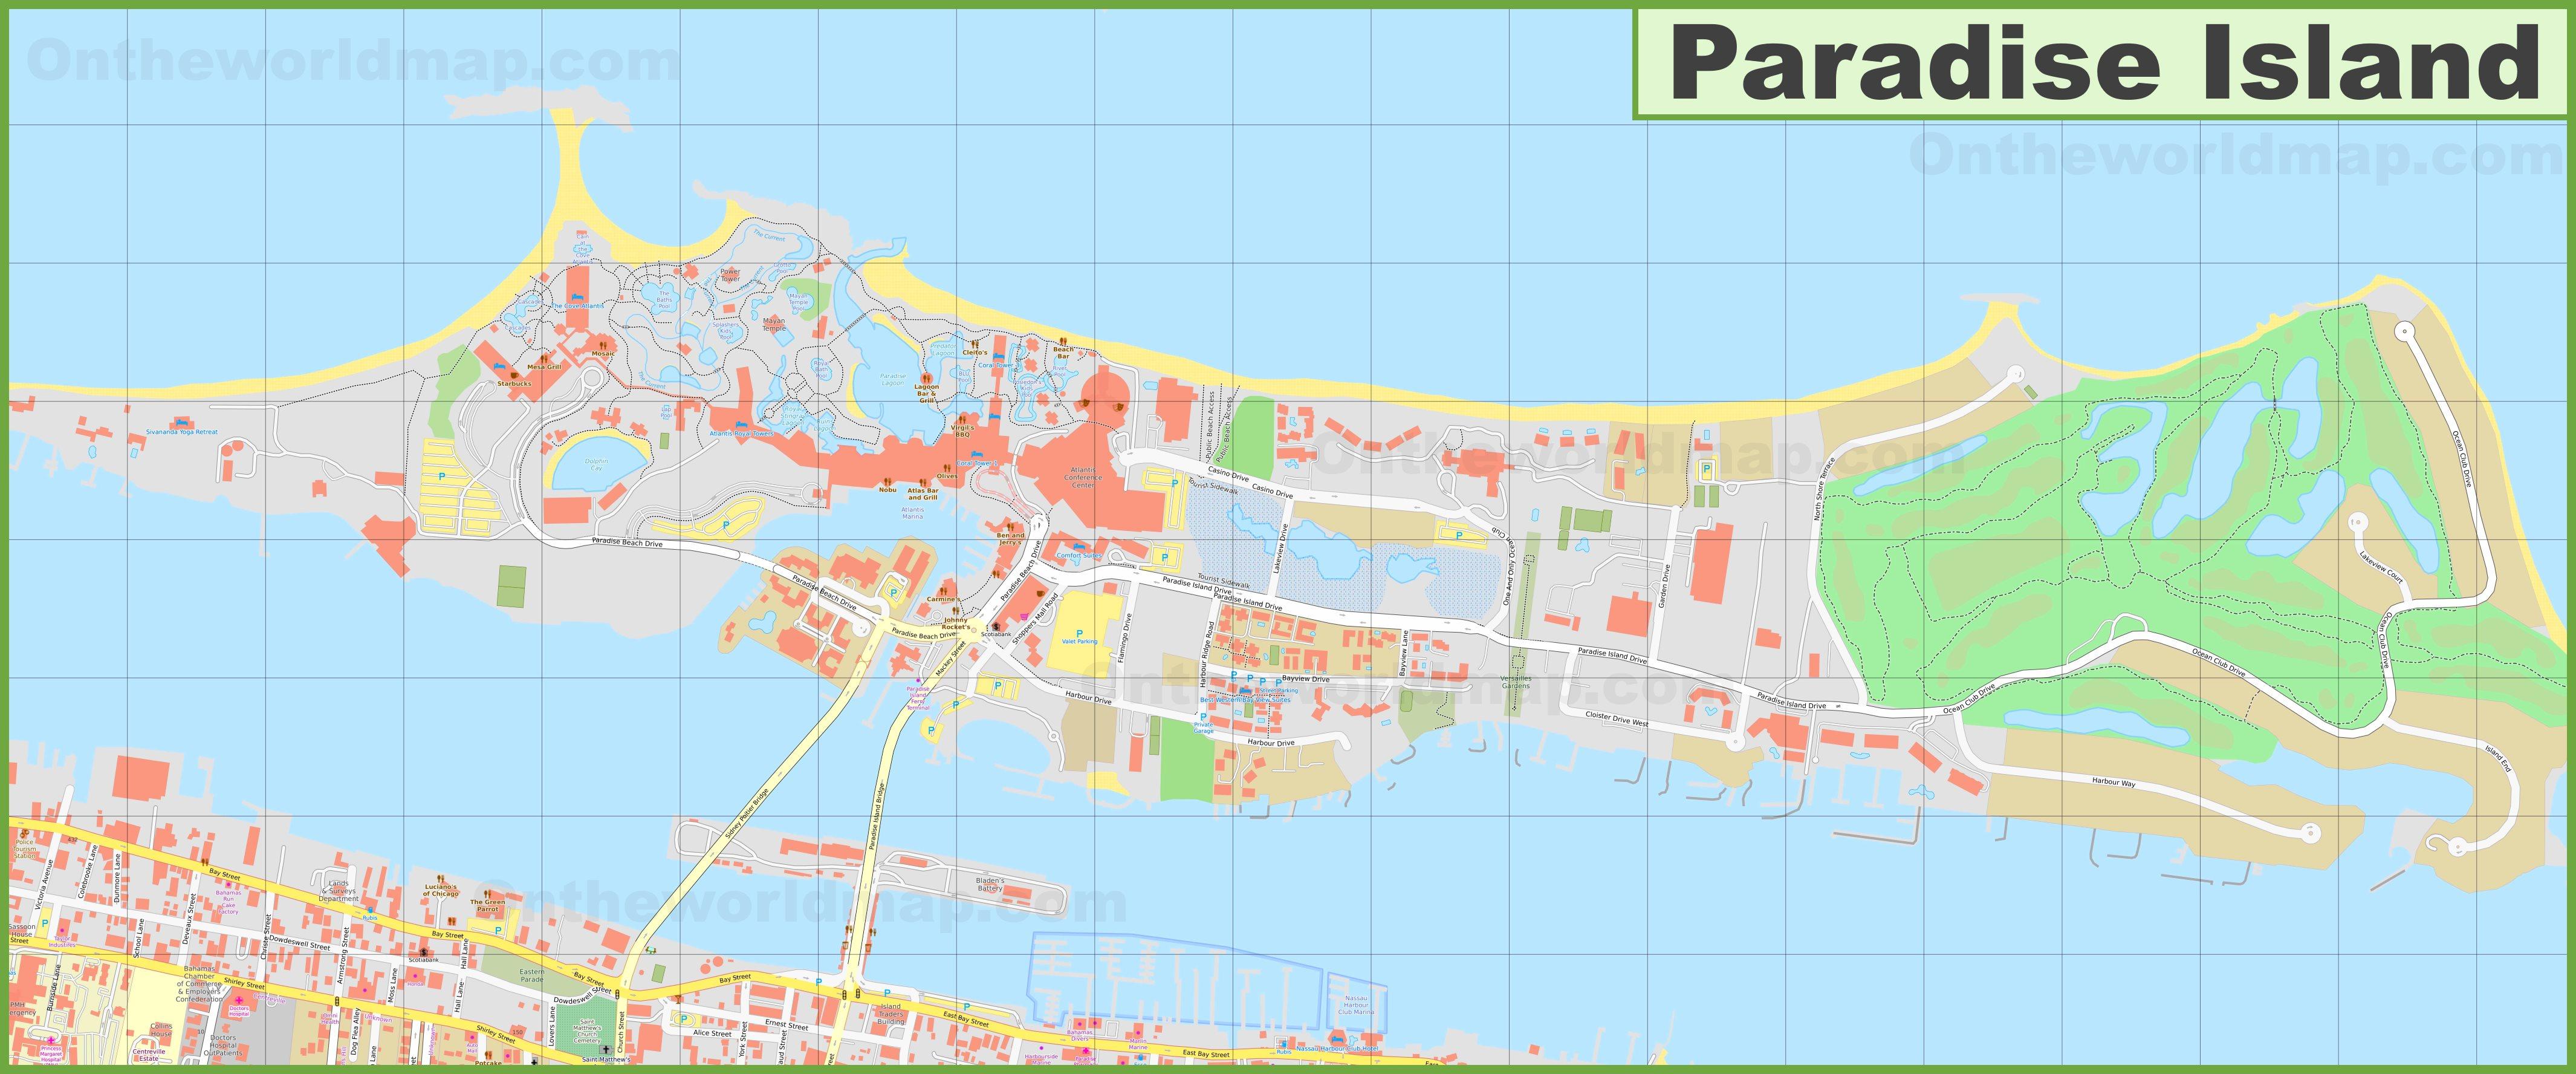 map of paradise island bahamas Large Detailed Map Of Paradise Island map of paradise island bahamas